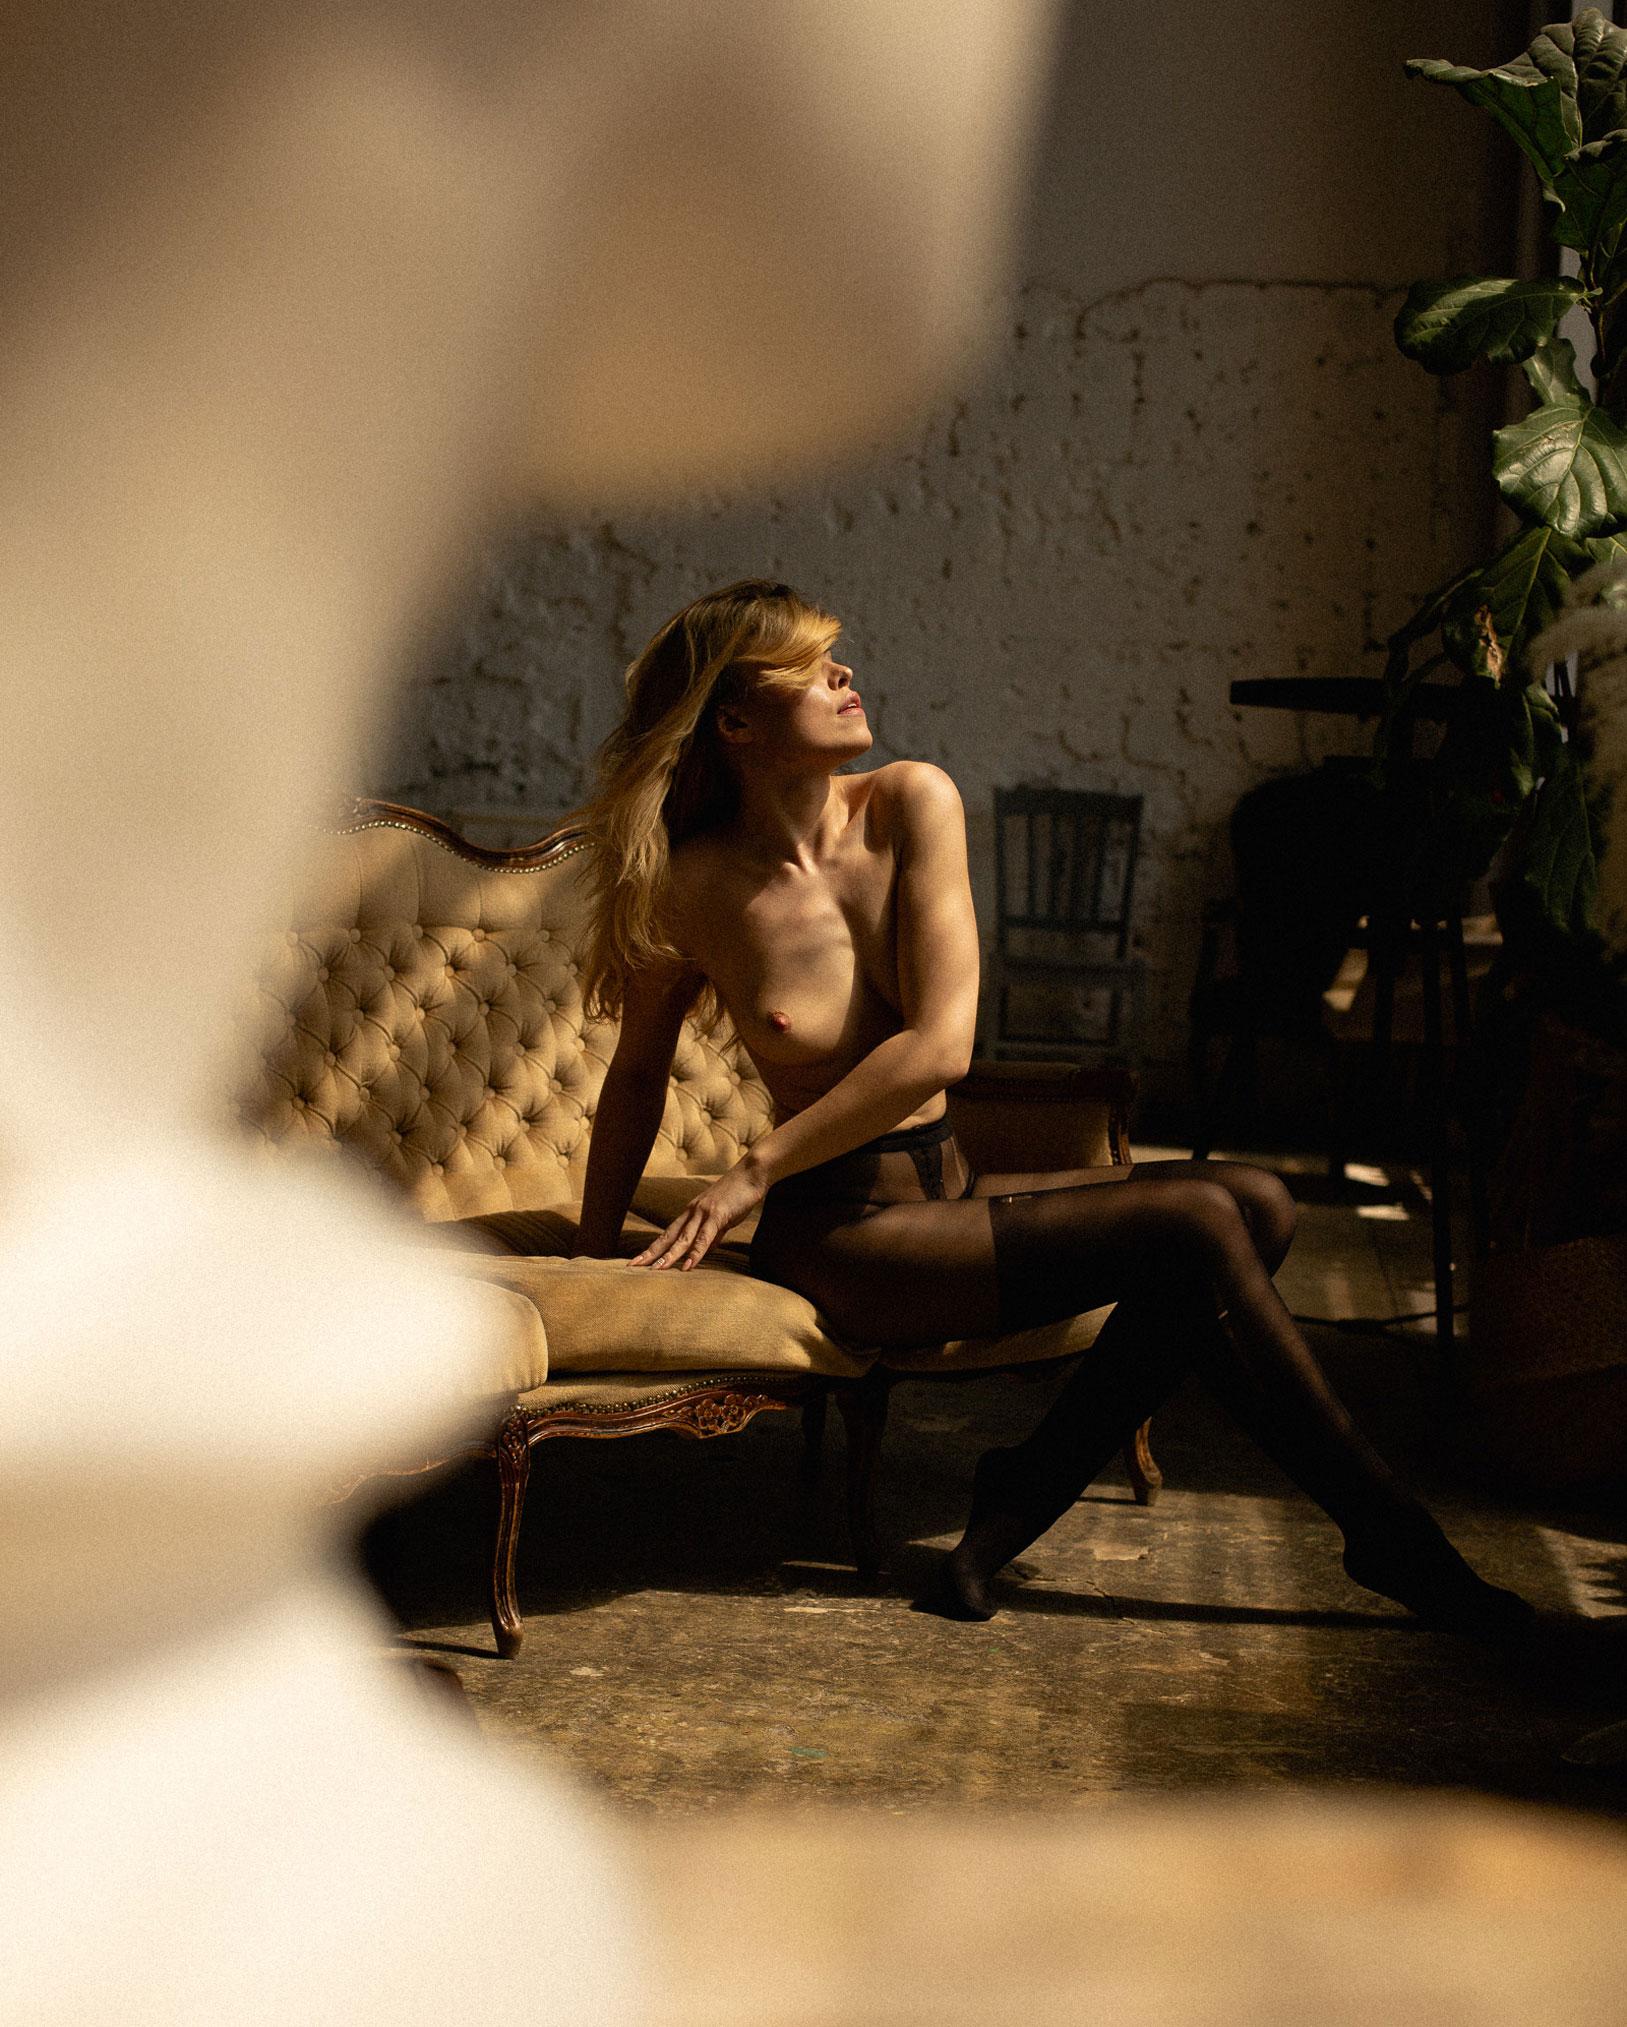 сексуальная фотомодель Эллина Мюллер / фото 02